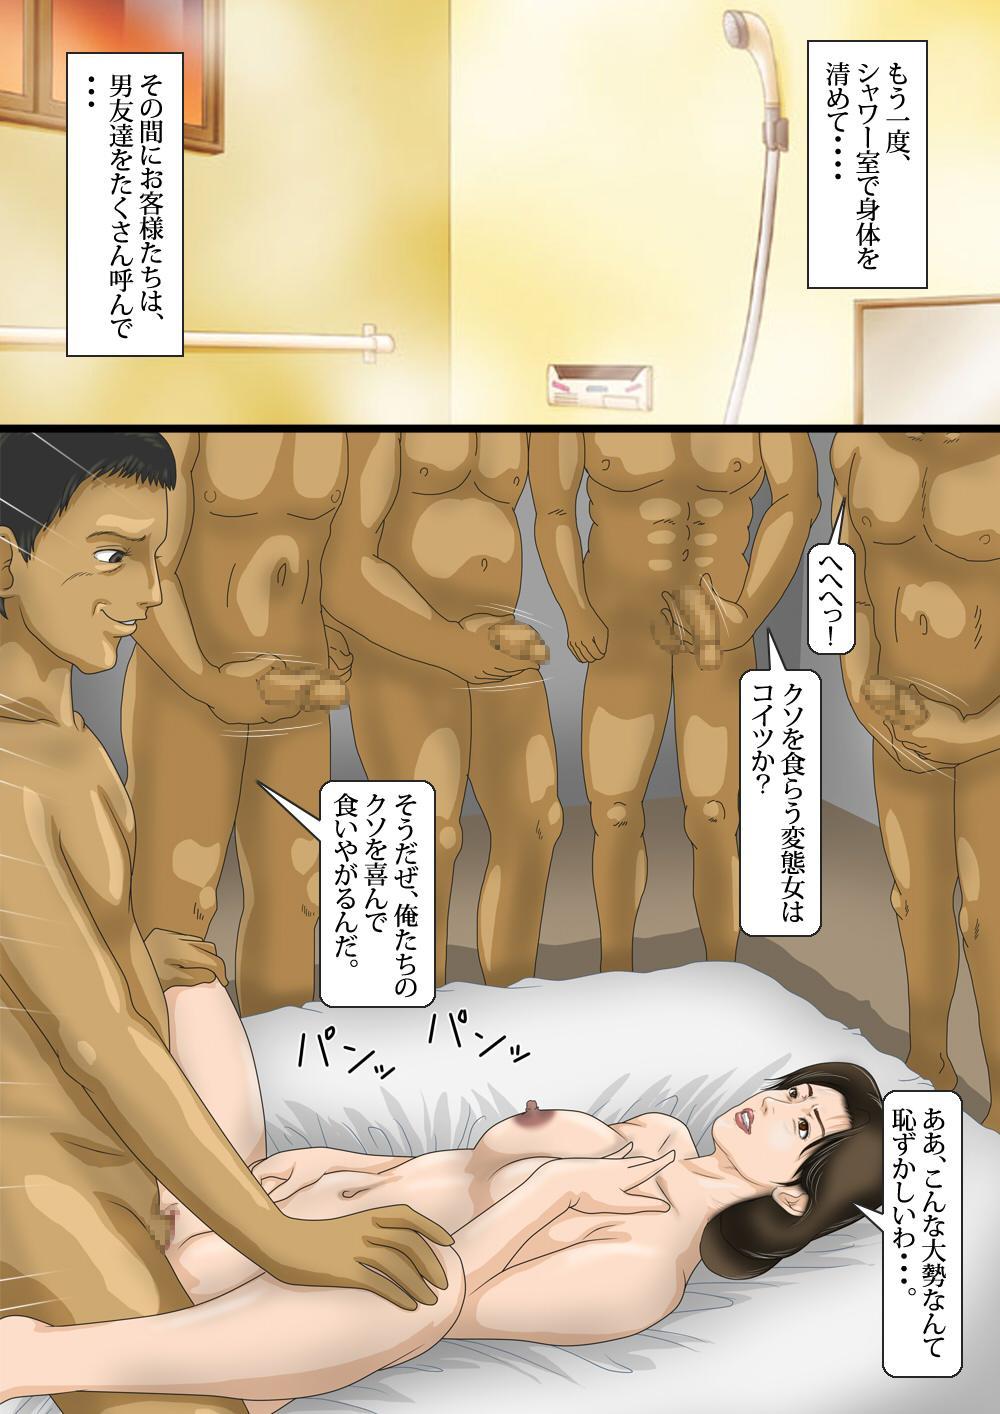 Scatolo Fuuzoku ni Ochita Hitozuma 20